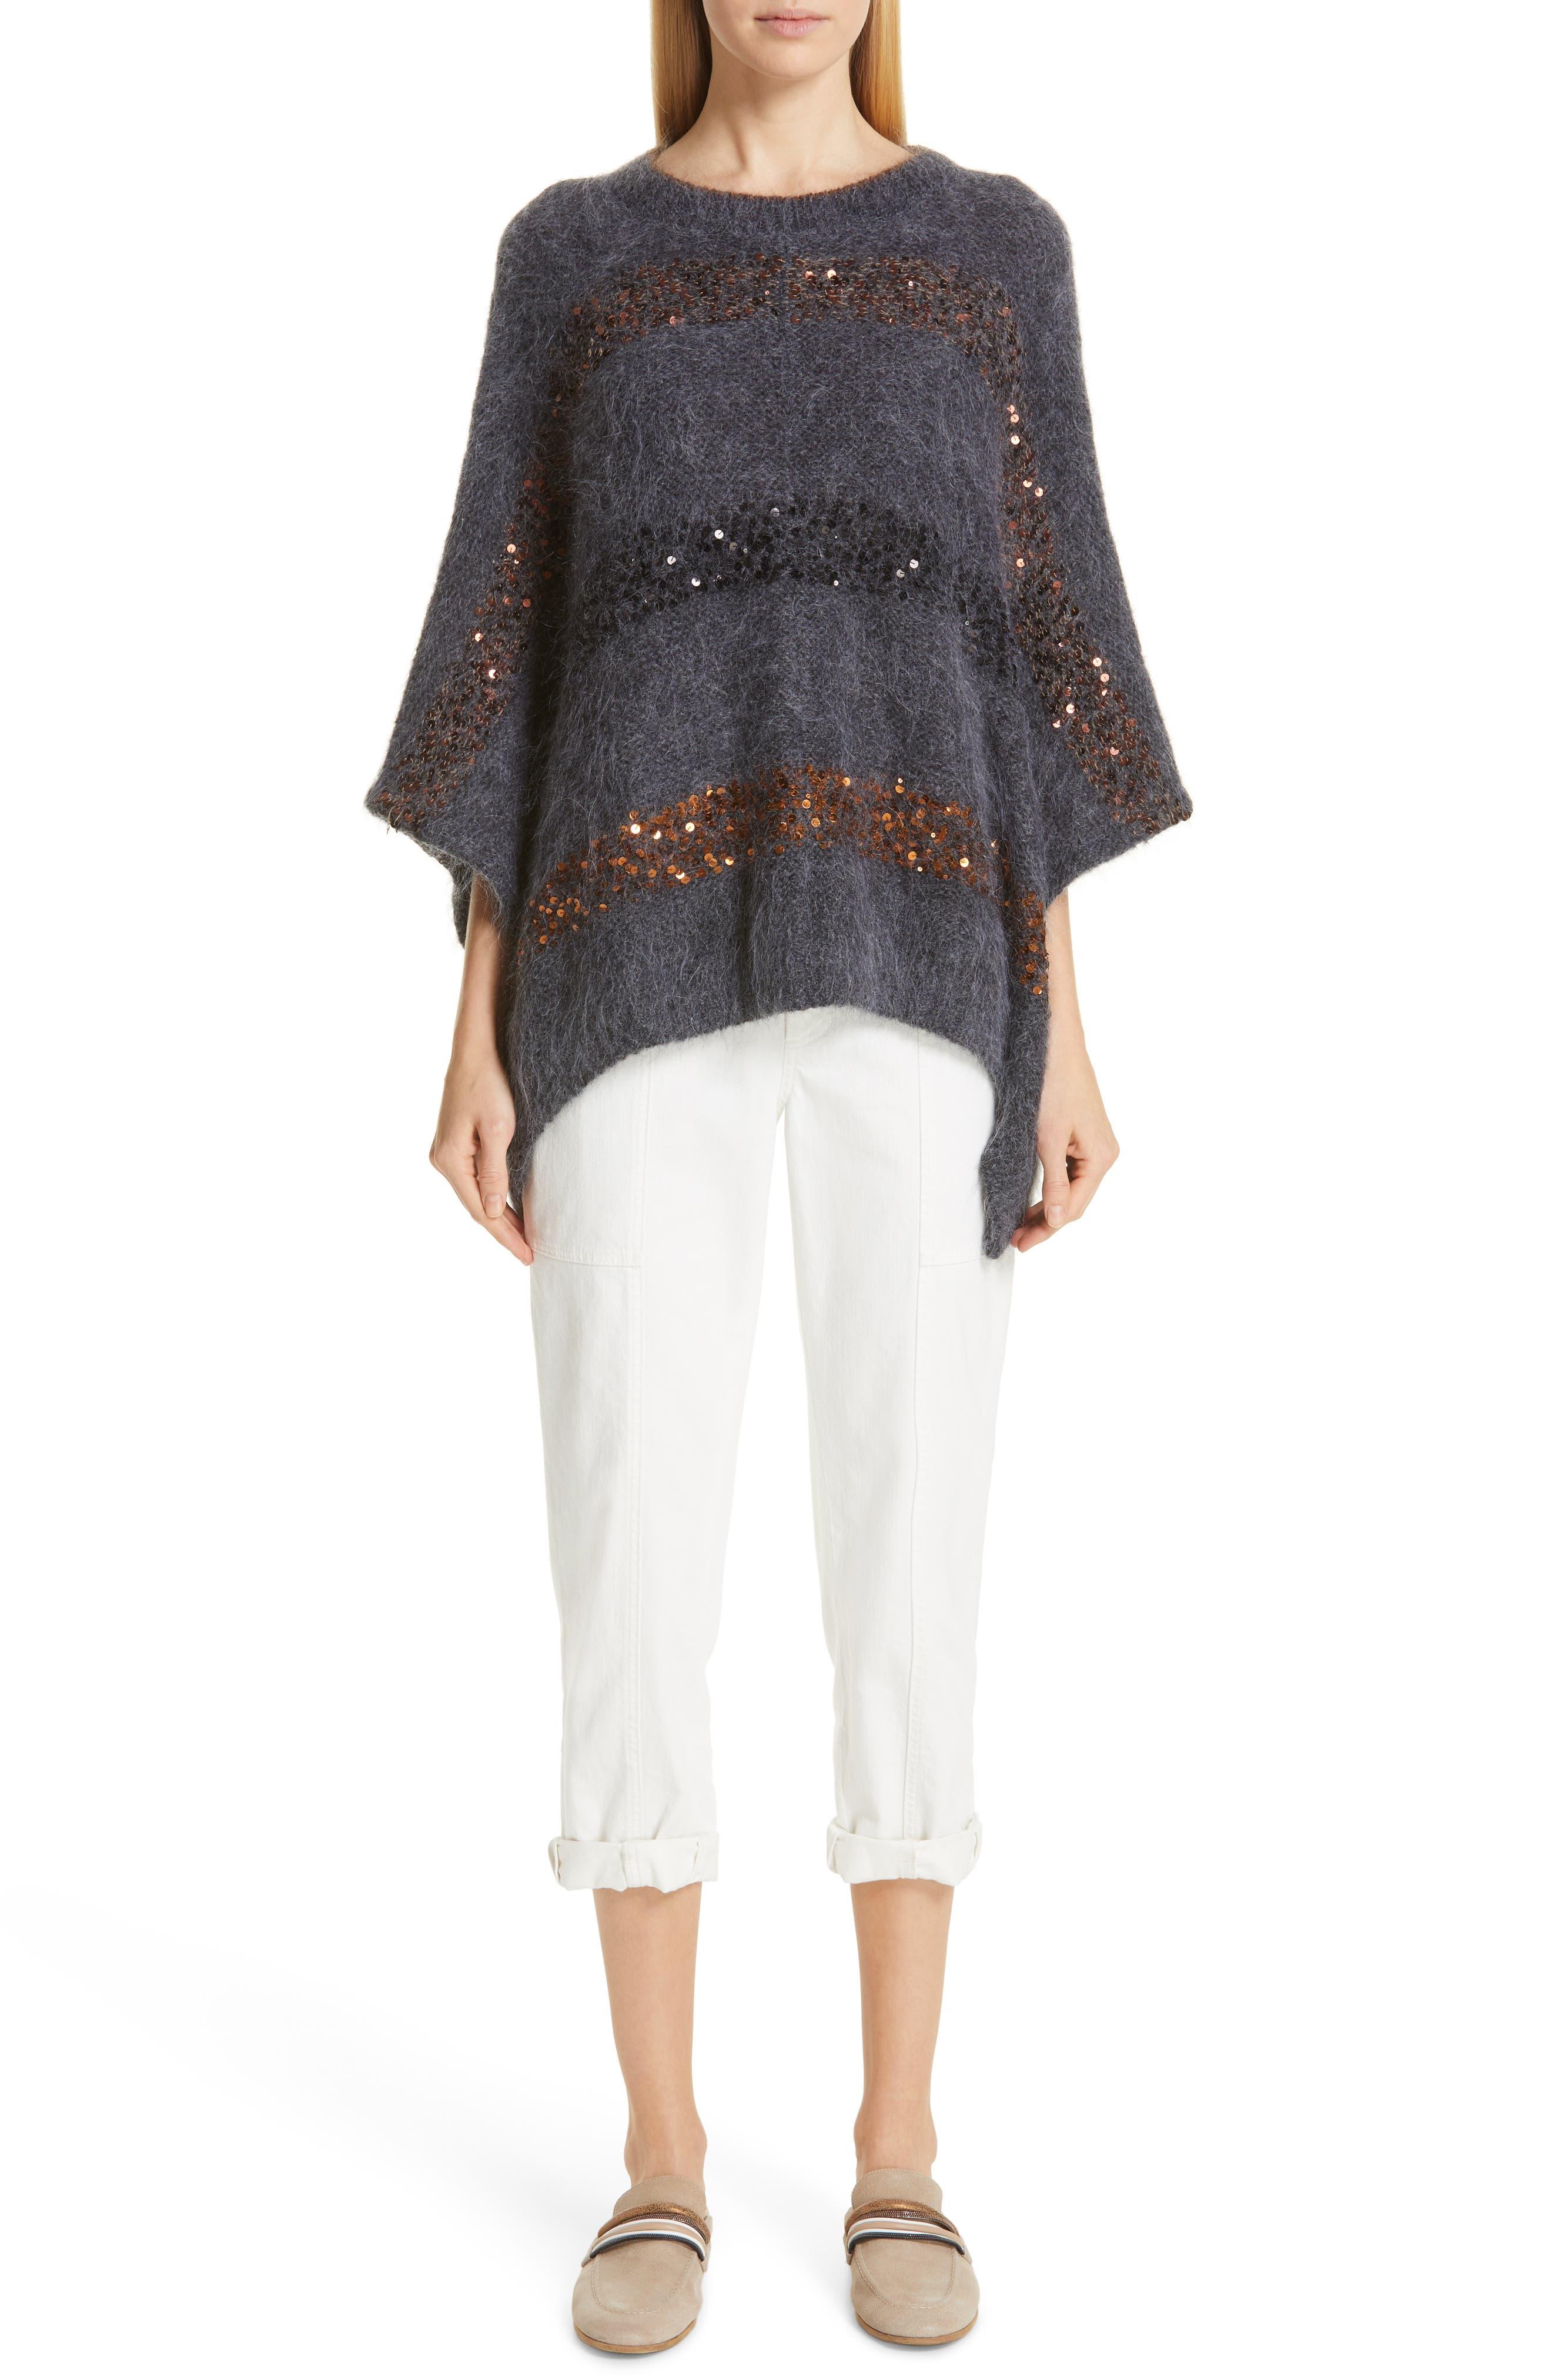 BRUNELLO CUCINELLI,                             Sequin Stripe Poncho Sweater,                             Alternate thumbnail 8, color,                             ANTHRACITE